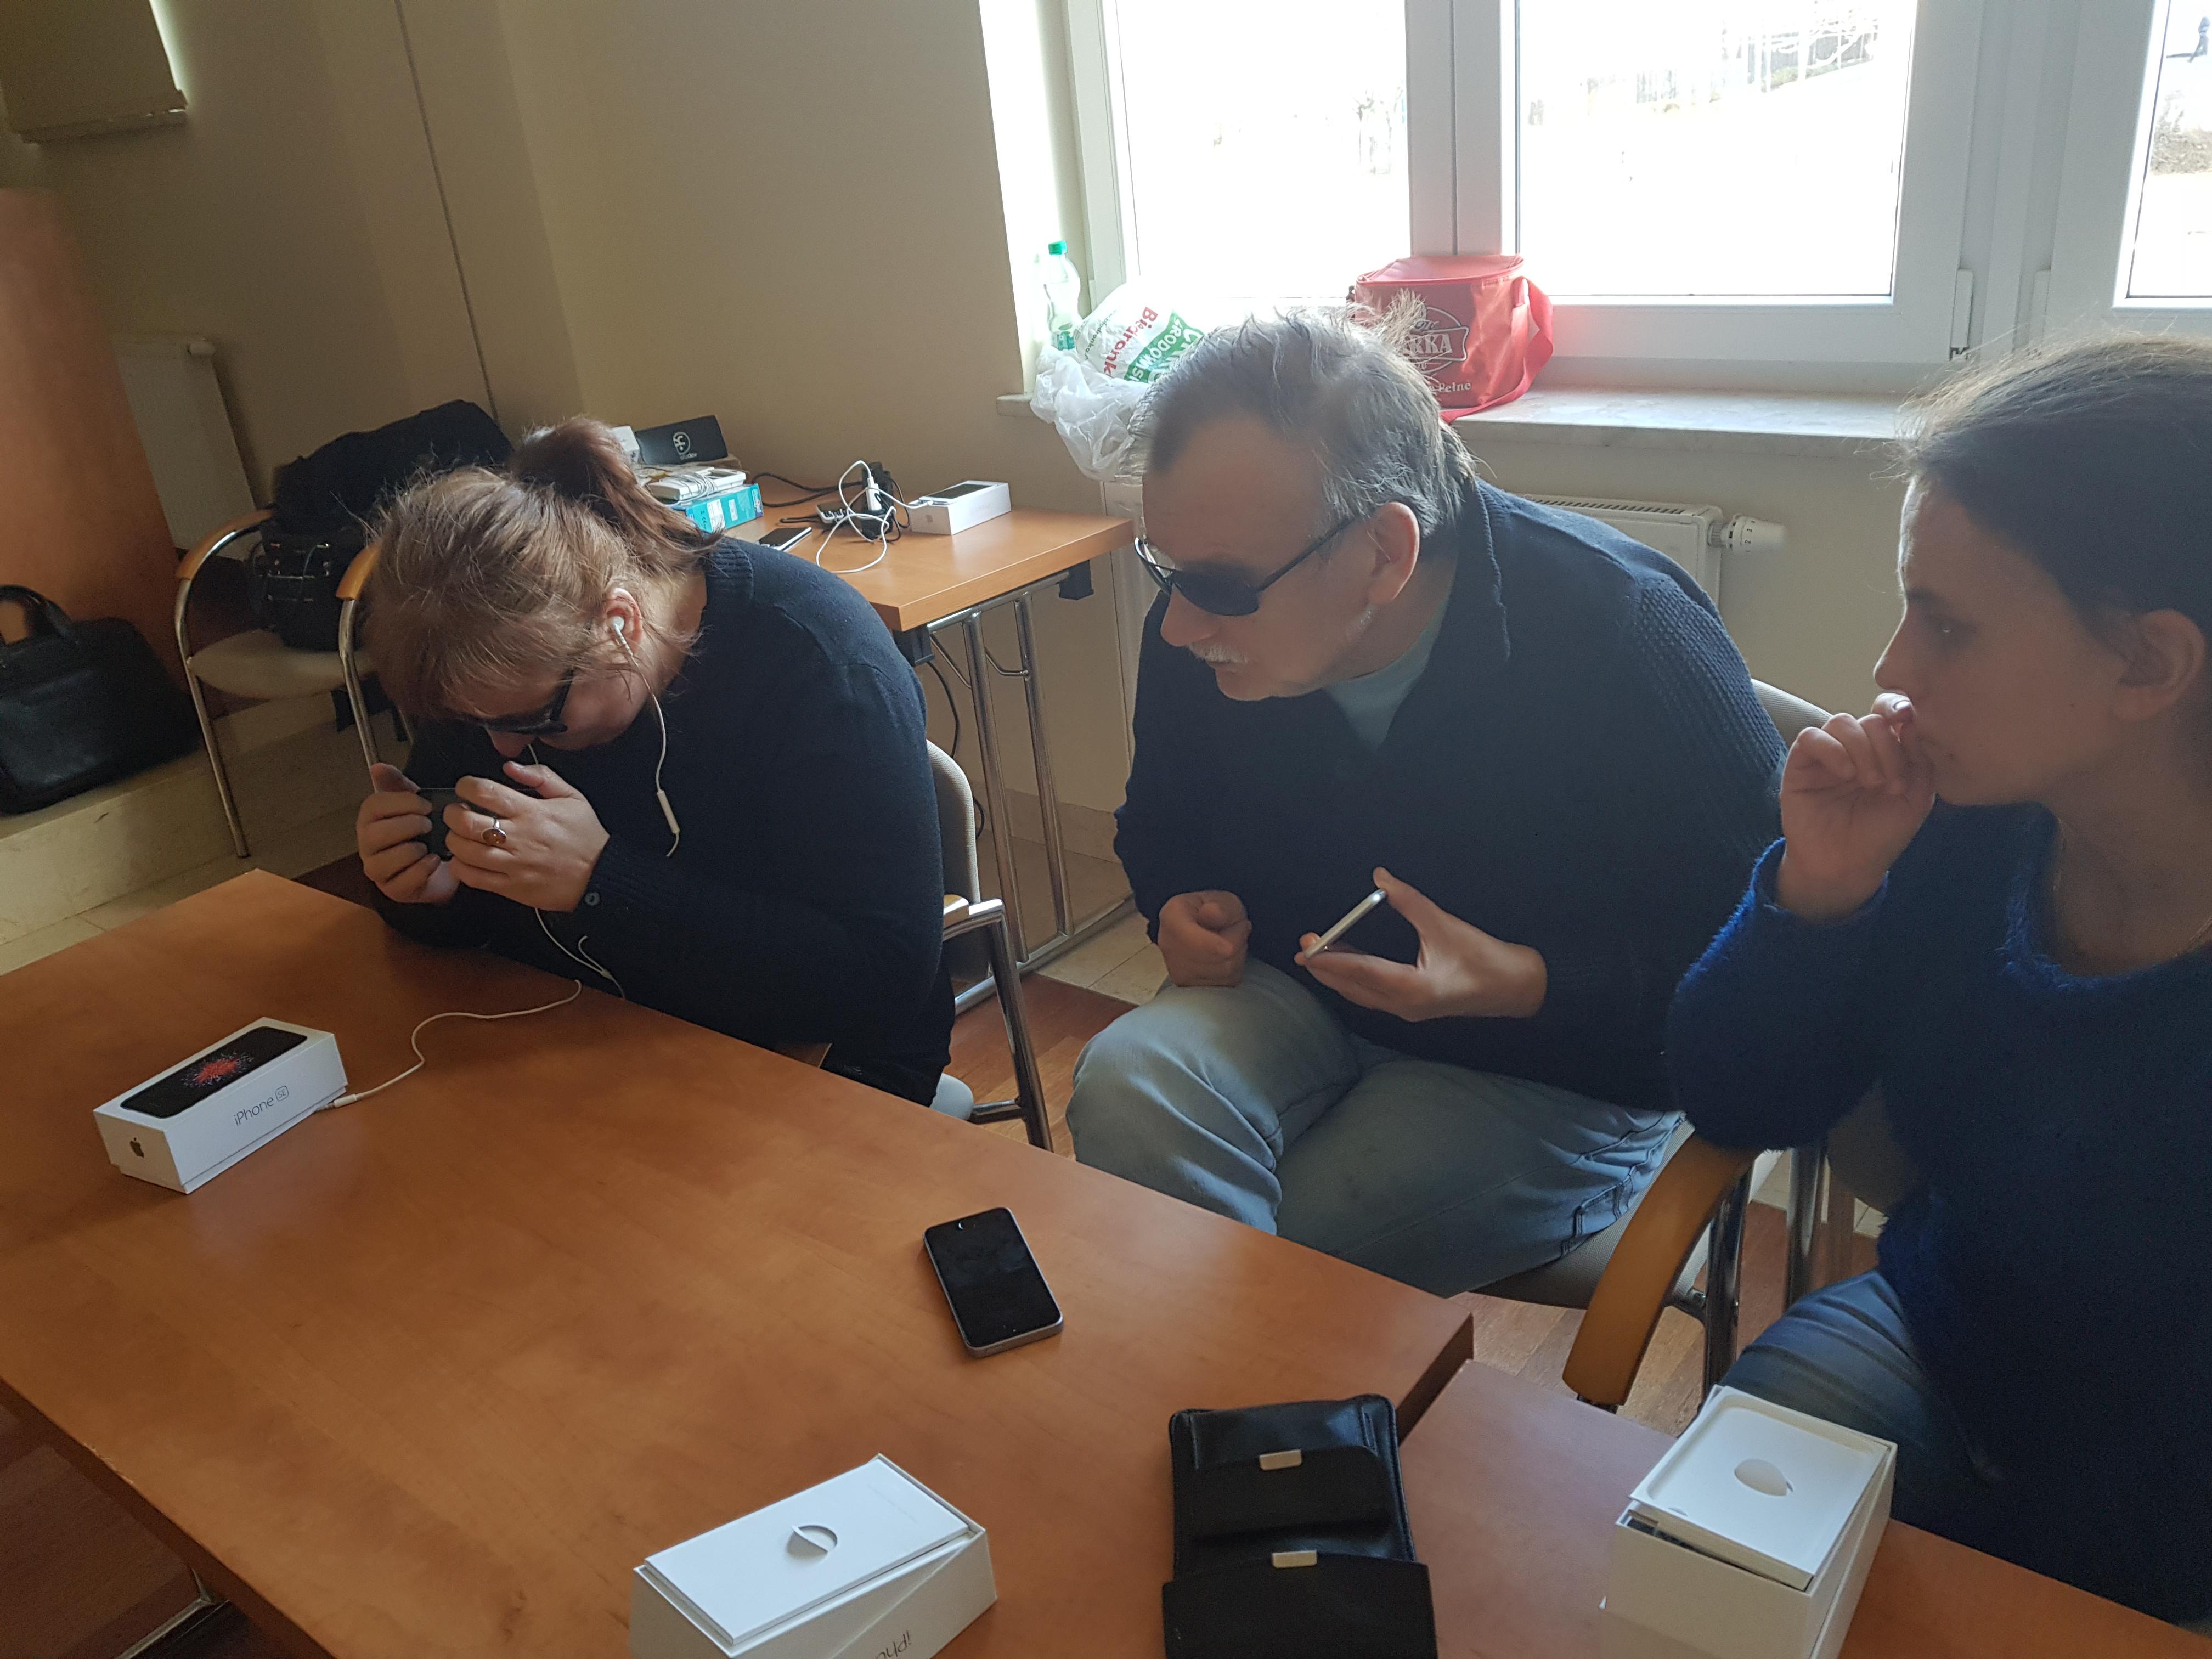 Dwie panie i jeden pan siedzący obok siebie, wszyscy w ciemnej odzieży, na stole widoczne opakowania po smartfonach, ćwiczący bezwzrokową obsługę iPhone'ów, jedna z pań w słuchawkach